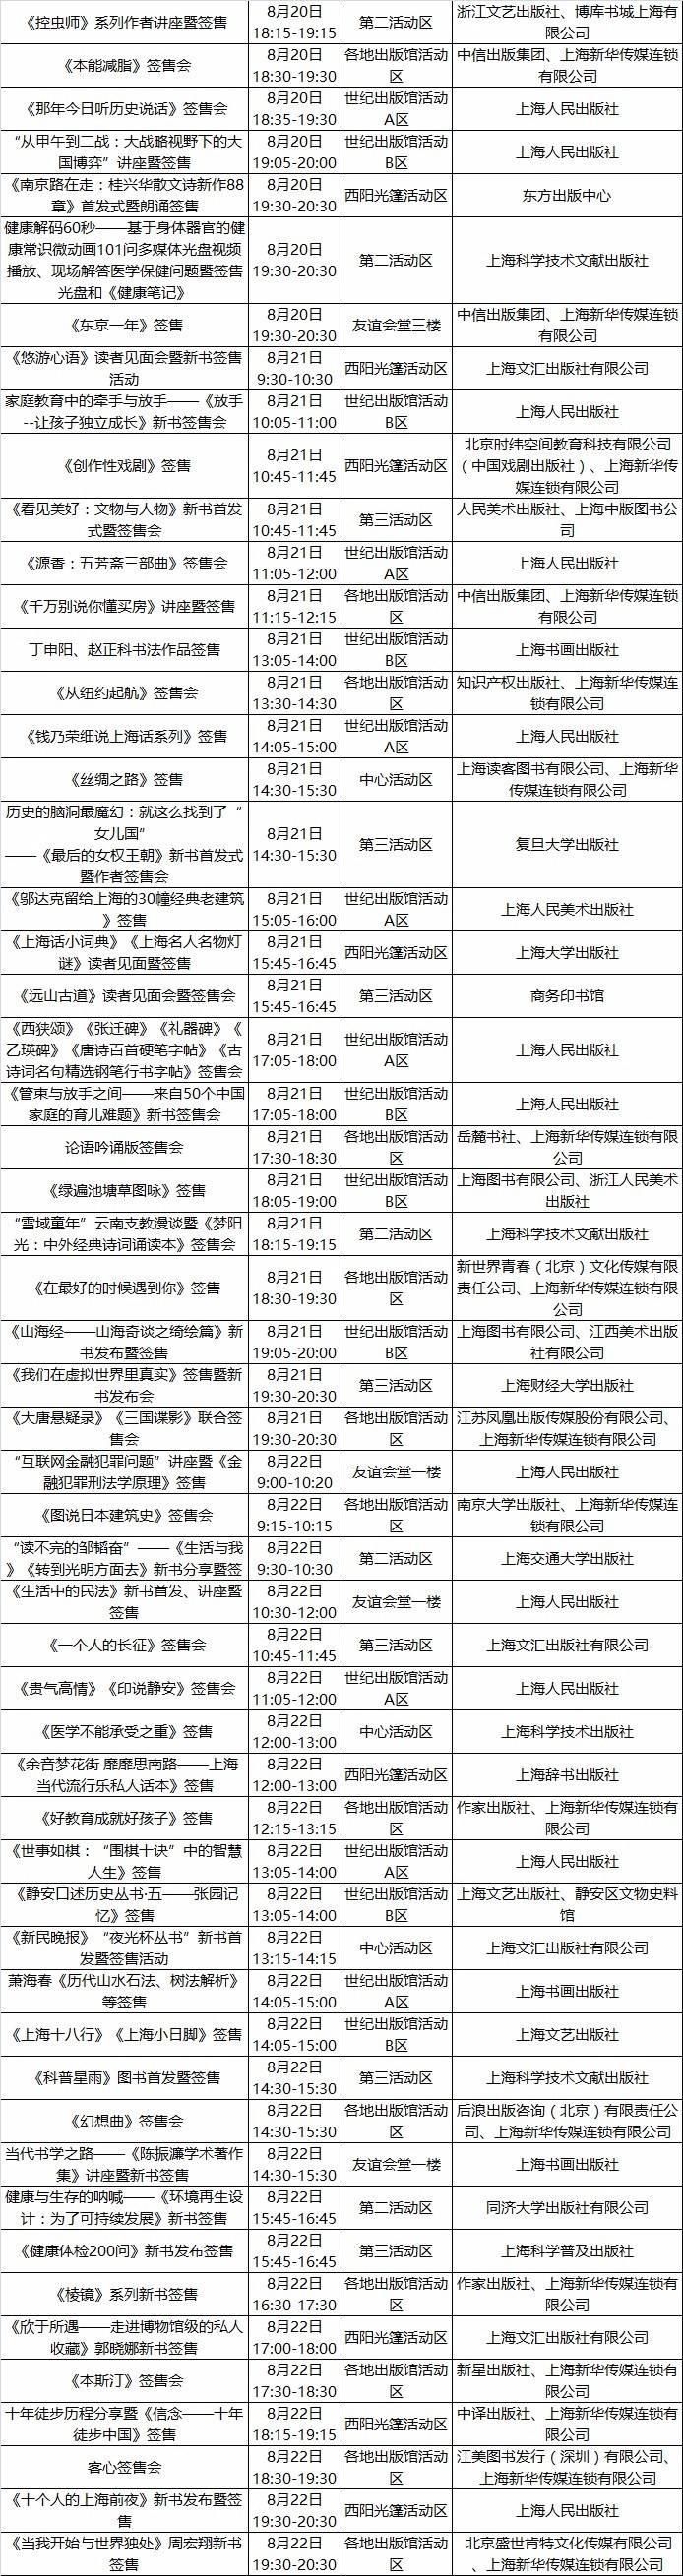 2017上海书展活动安排时间表:新书签售 少儿活动    上述表格中的活动